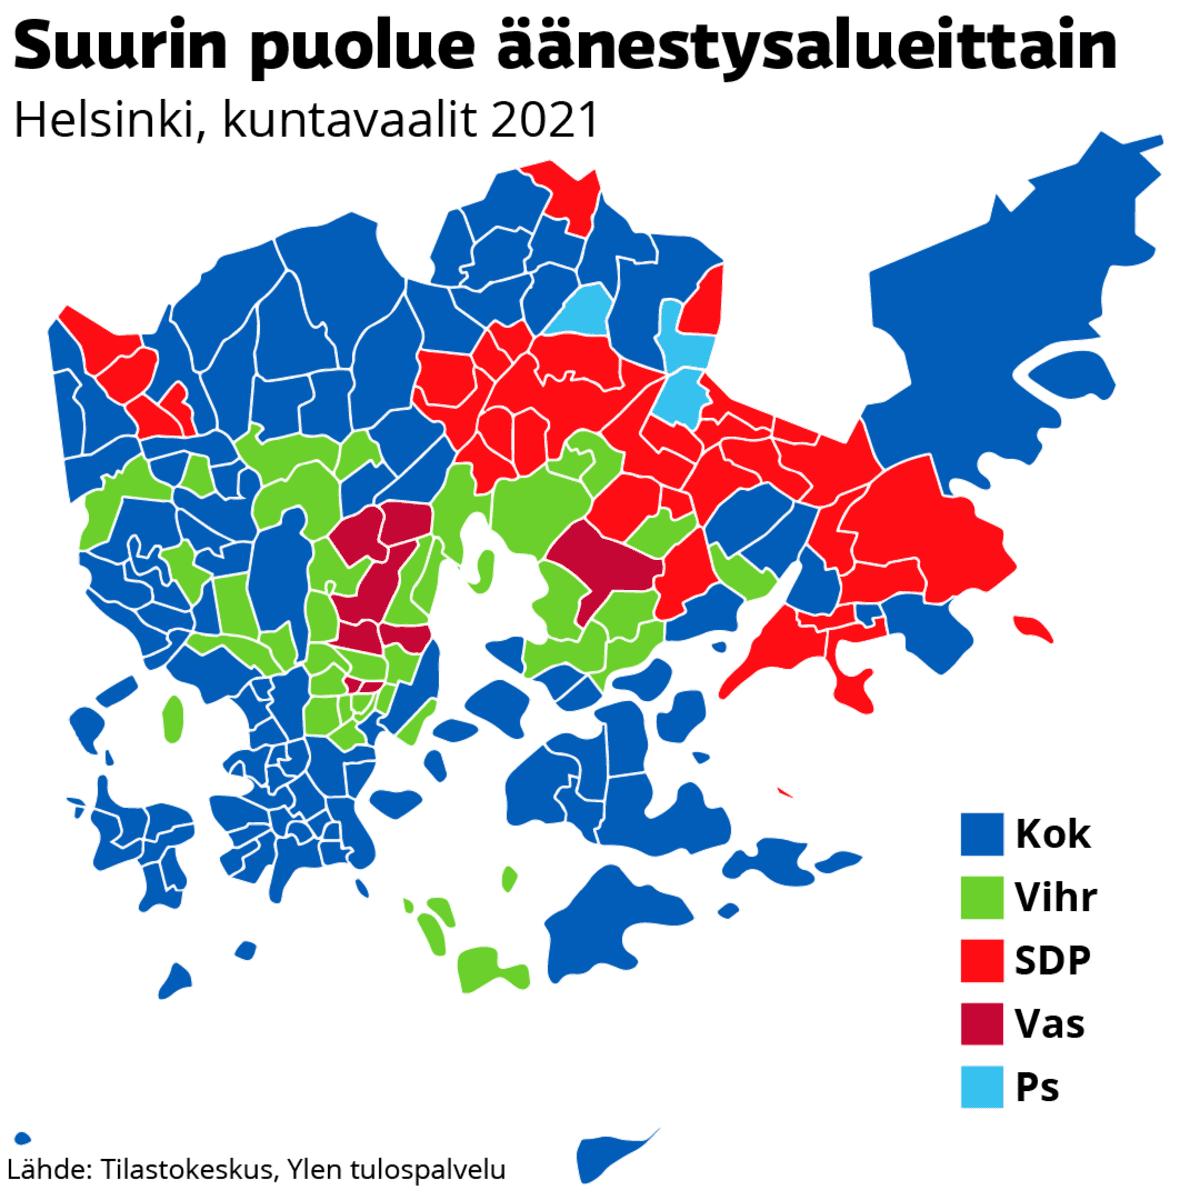 Suurin puolue äänestysalueittain Helsingissä, kuntavaalit 2021